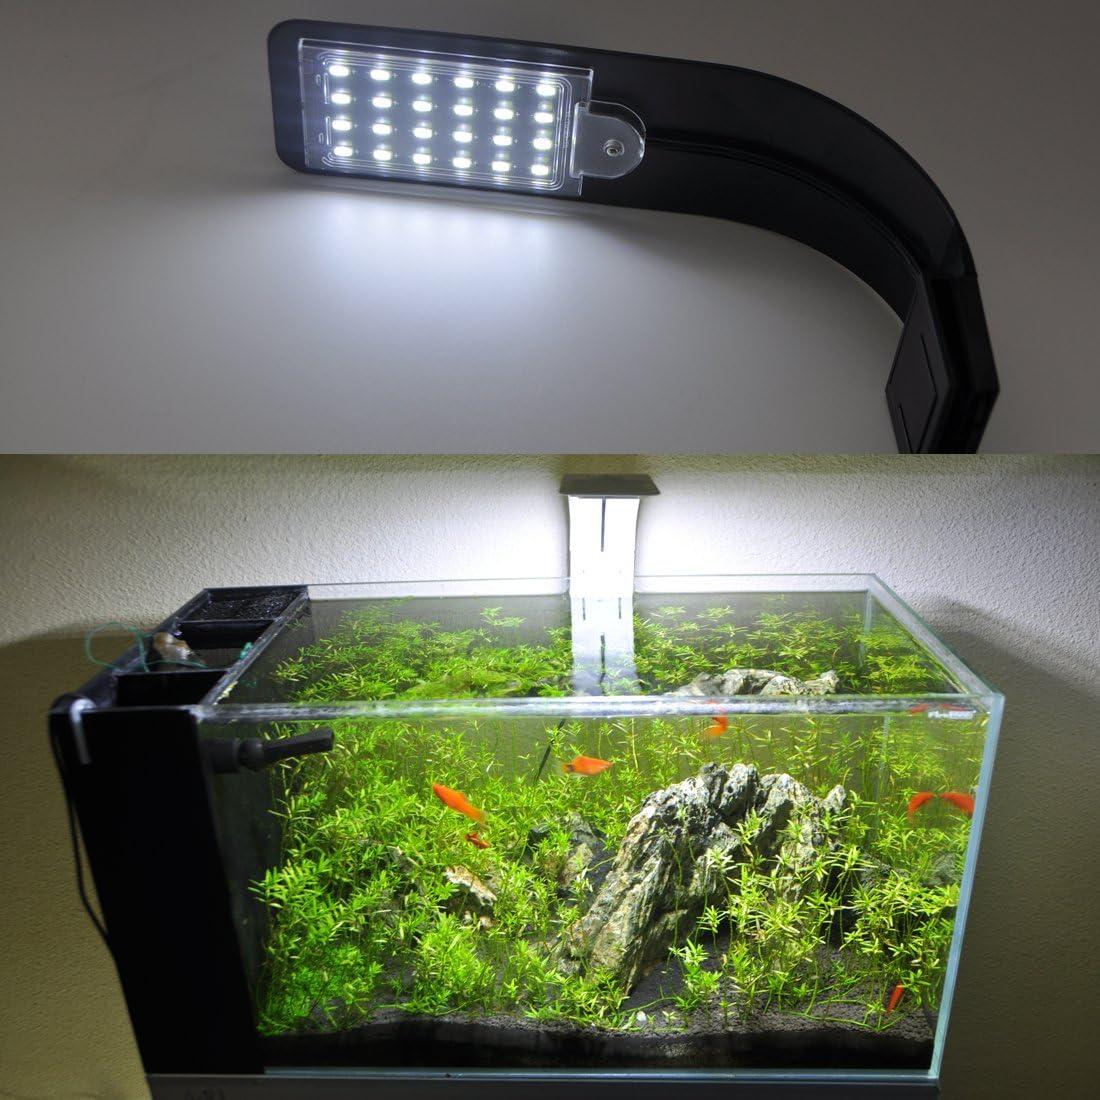 Lowest price challenge JackSuper 24 LED Aquarium Planted Full 10W Light Max 76% OFF Spectrum Plant